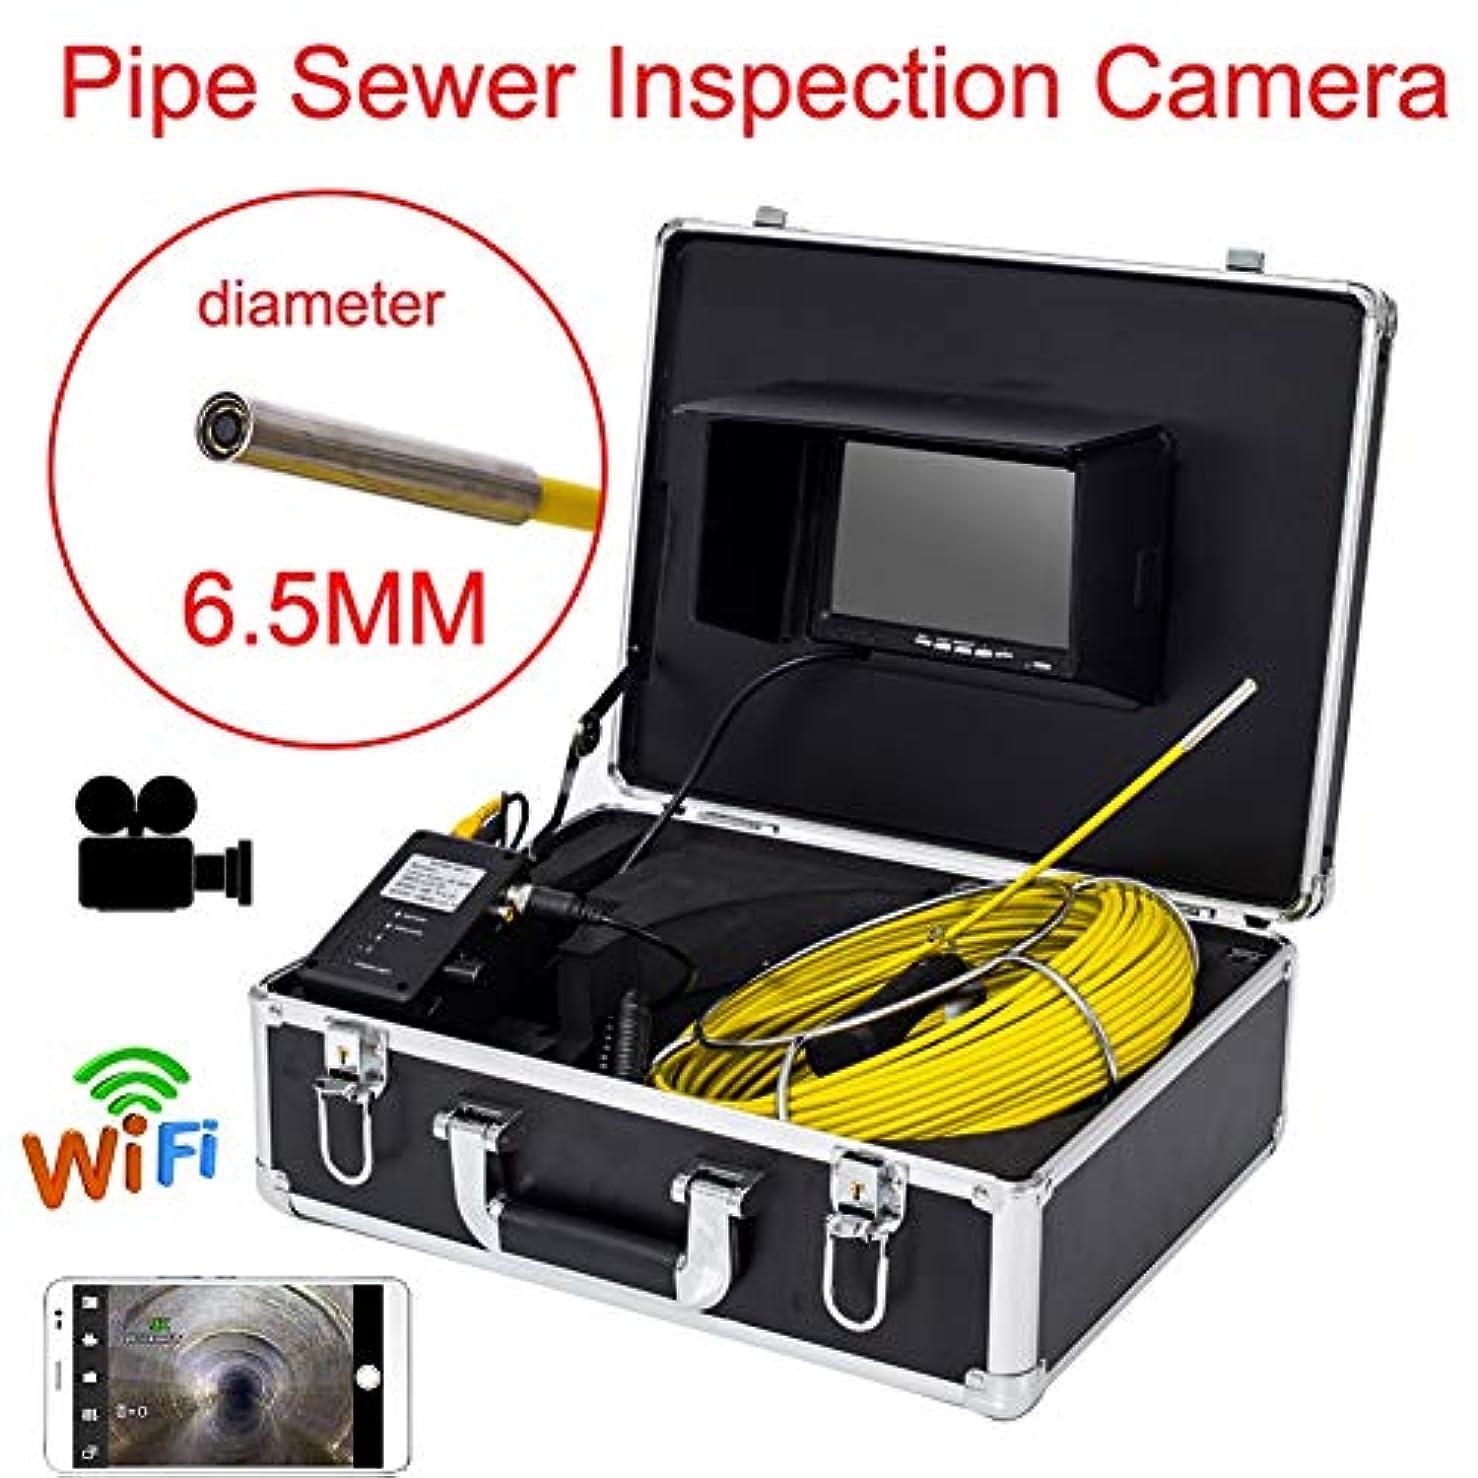 7インチWIFI 6.5 MM工業用パイプライン下水道検知カメラIP68防水排水検知1000 TVLカメラDVR機能,50M